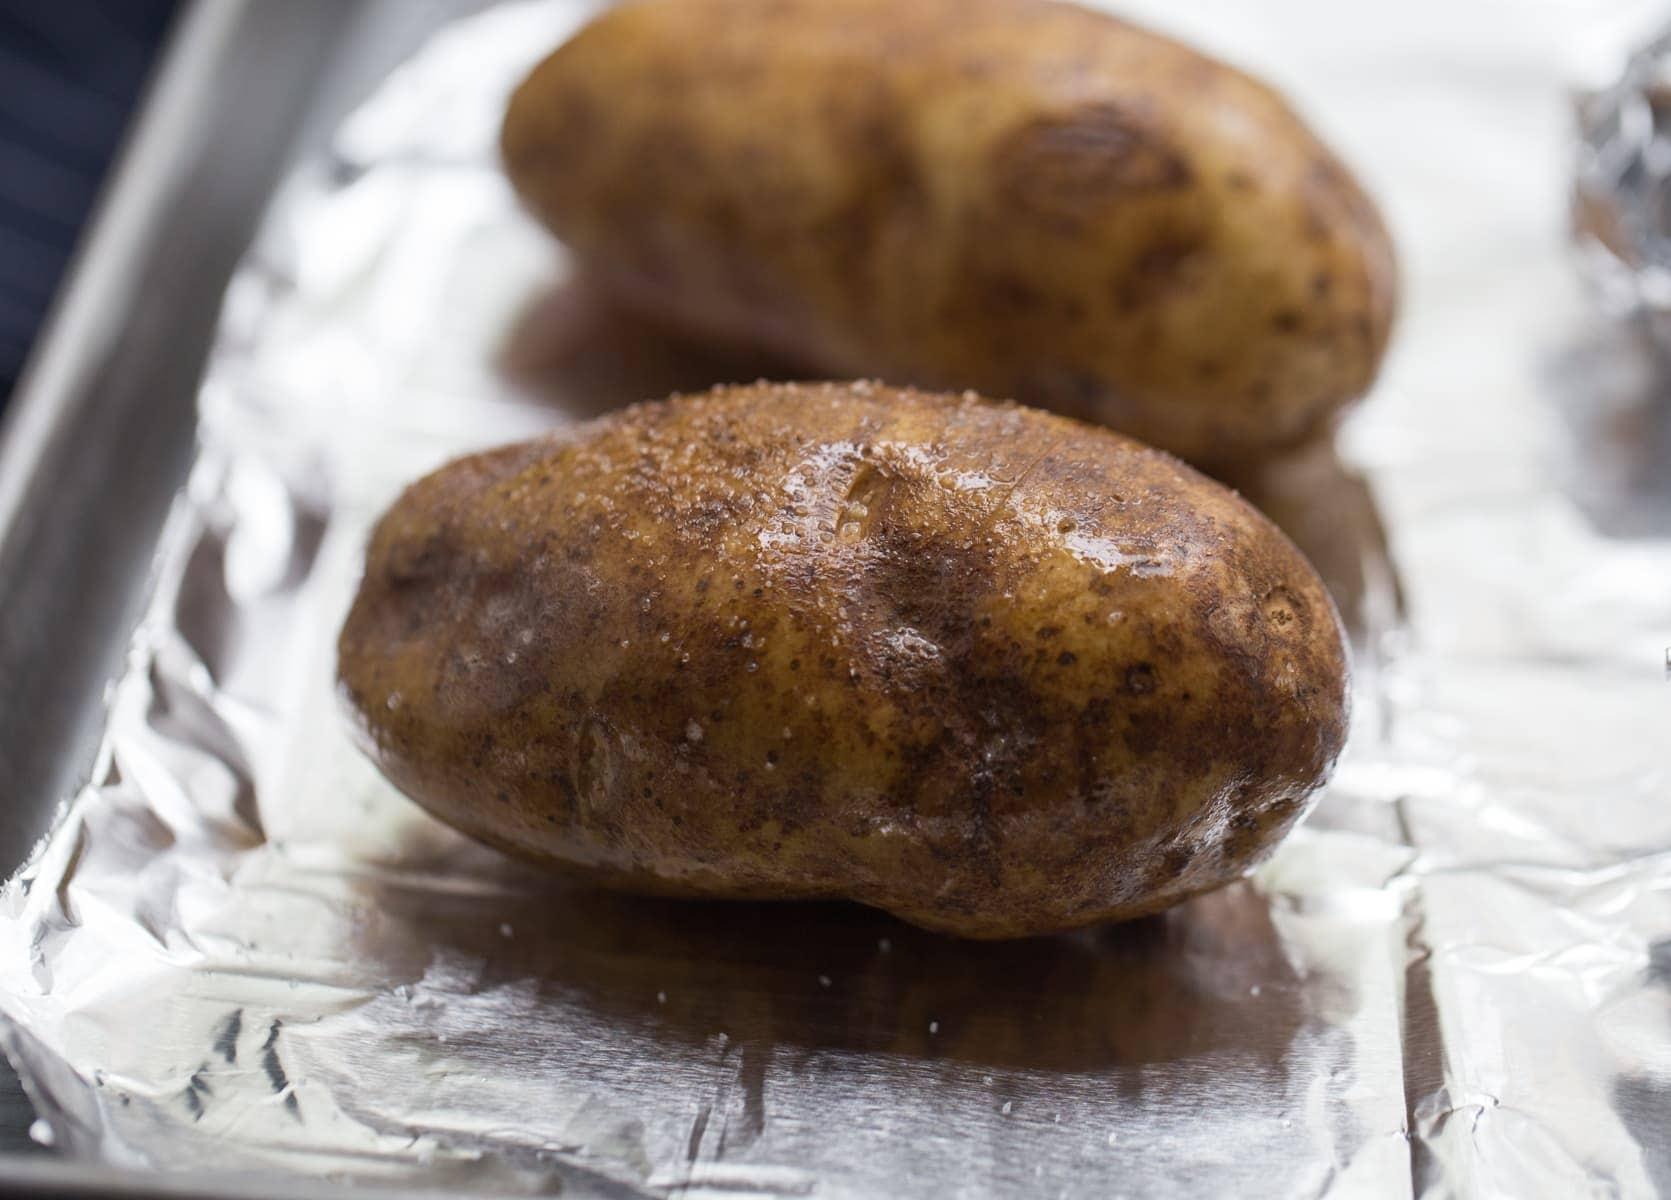 potato ready for baking